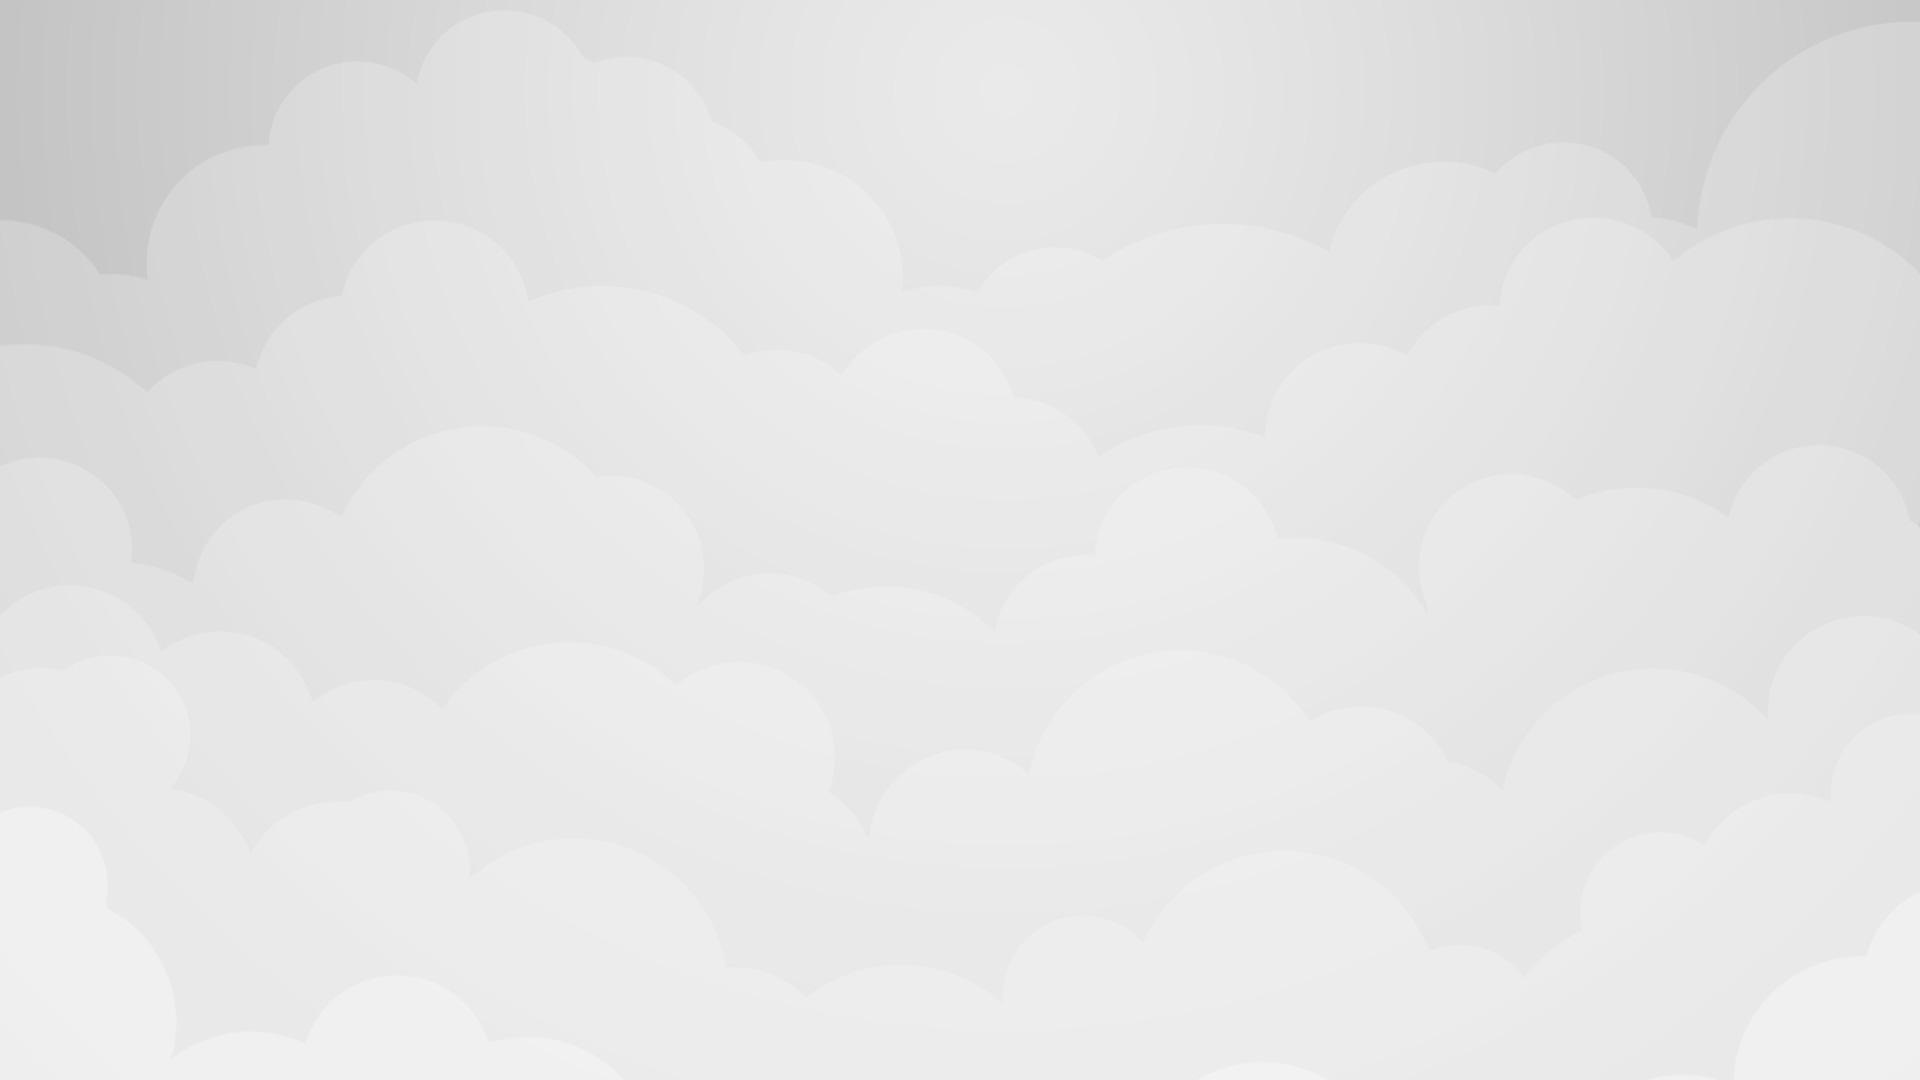 All White Background for Desktop  PixelsTalk.Net